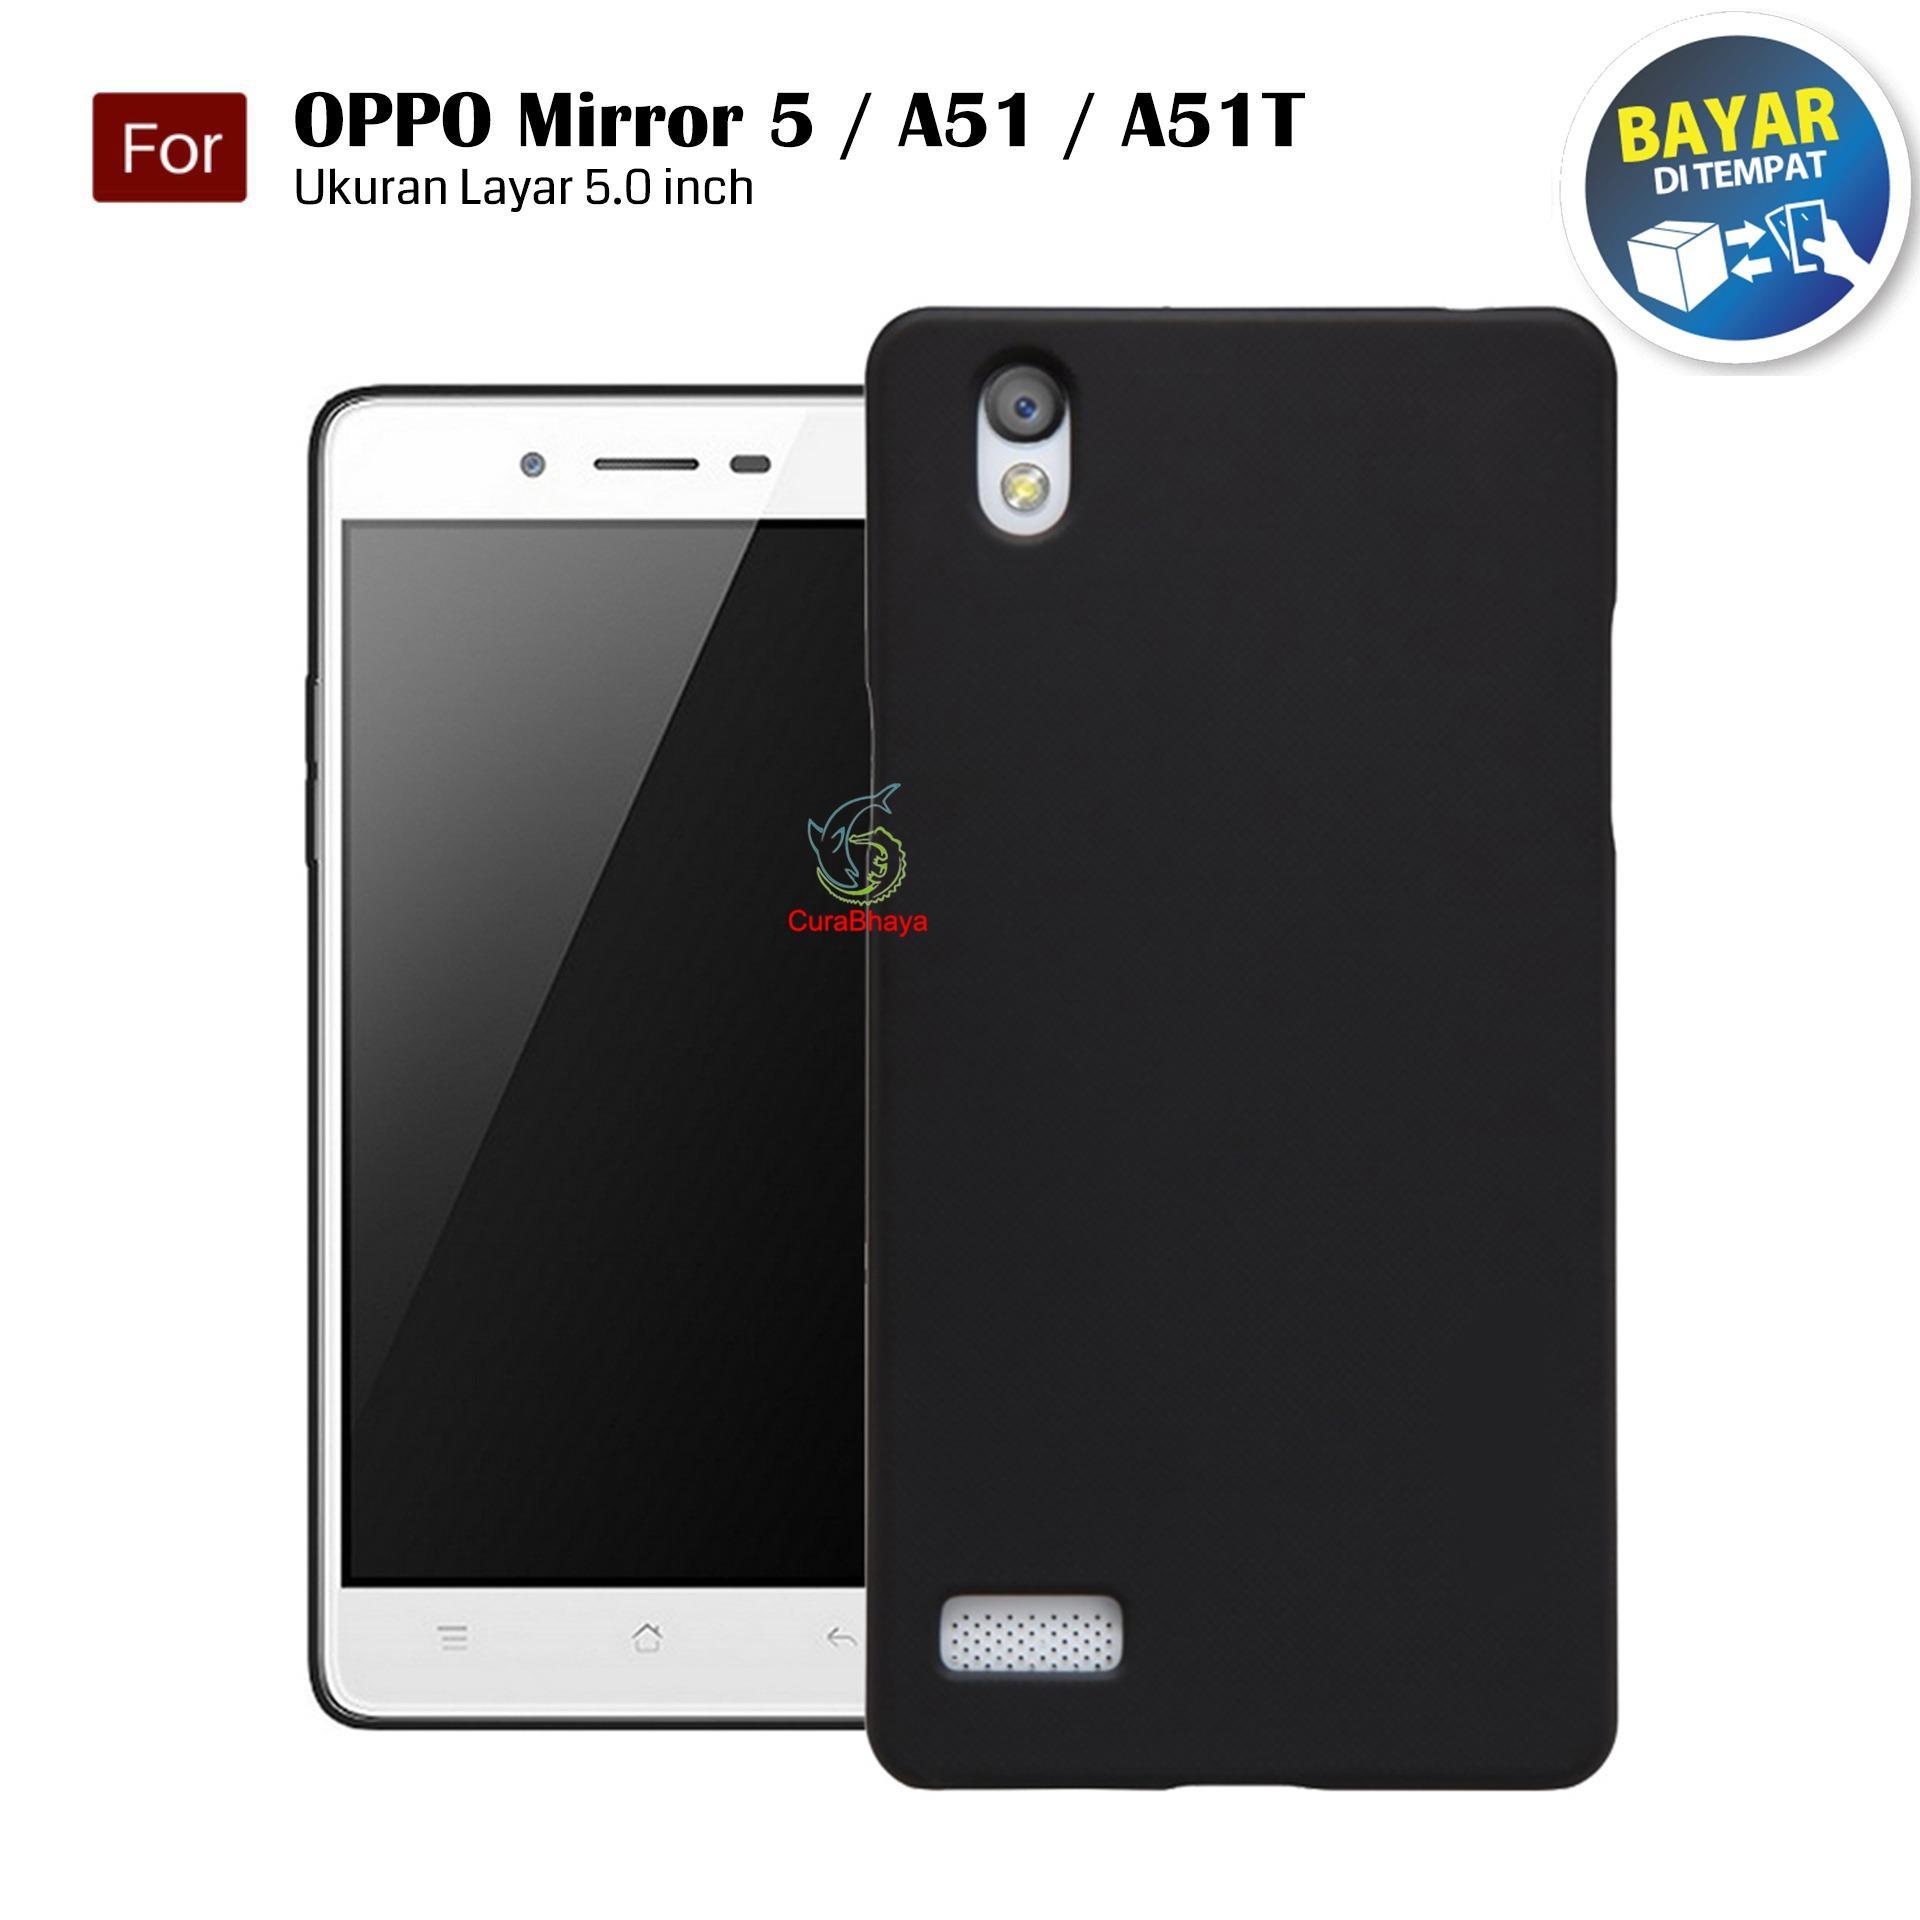 MidNight Oppo Mirror 5 / A51 / A51T | Slim Case Black Matte Softcase Premium (